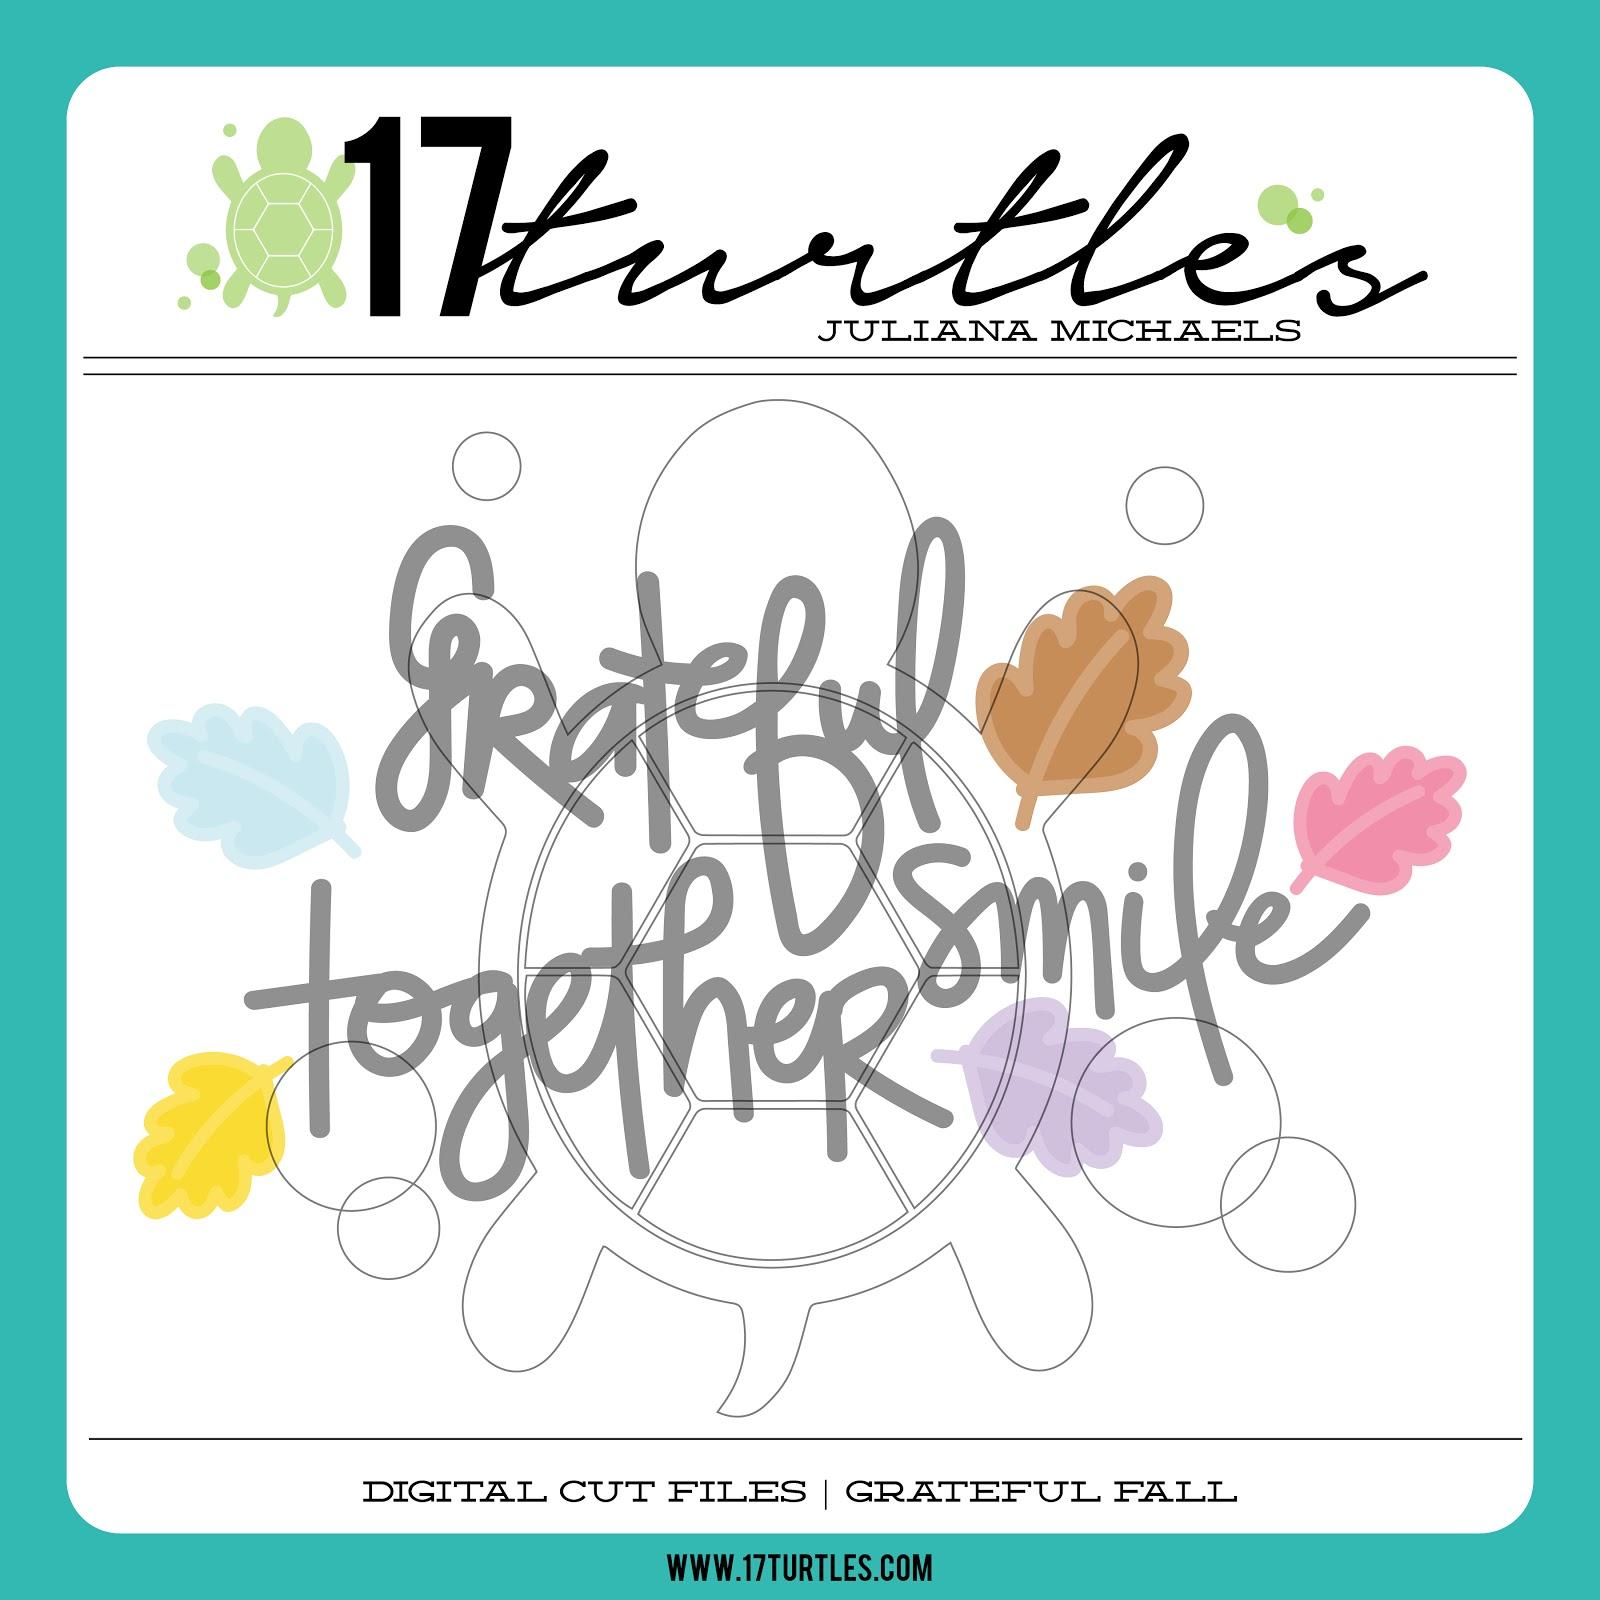 17turtles Digital Cut File Grateful Fall